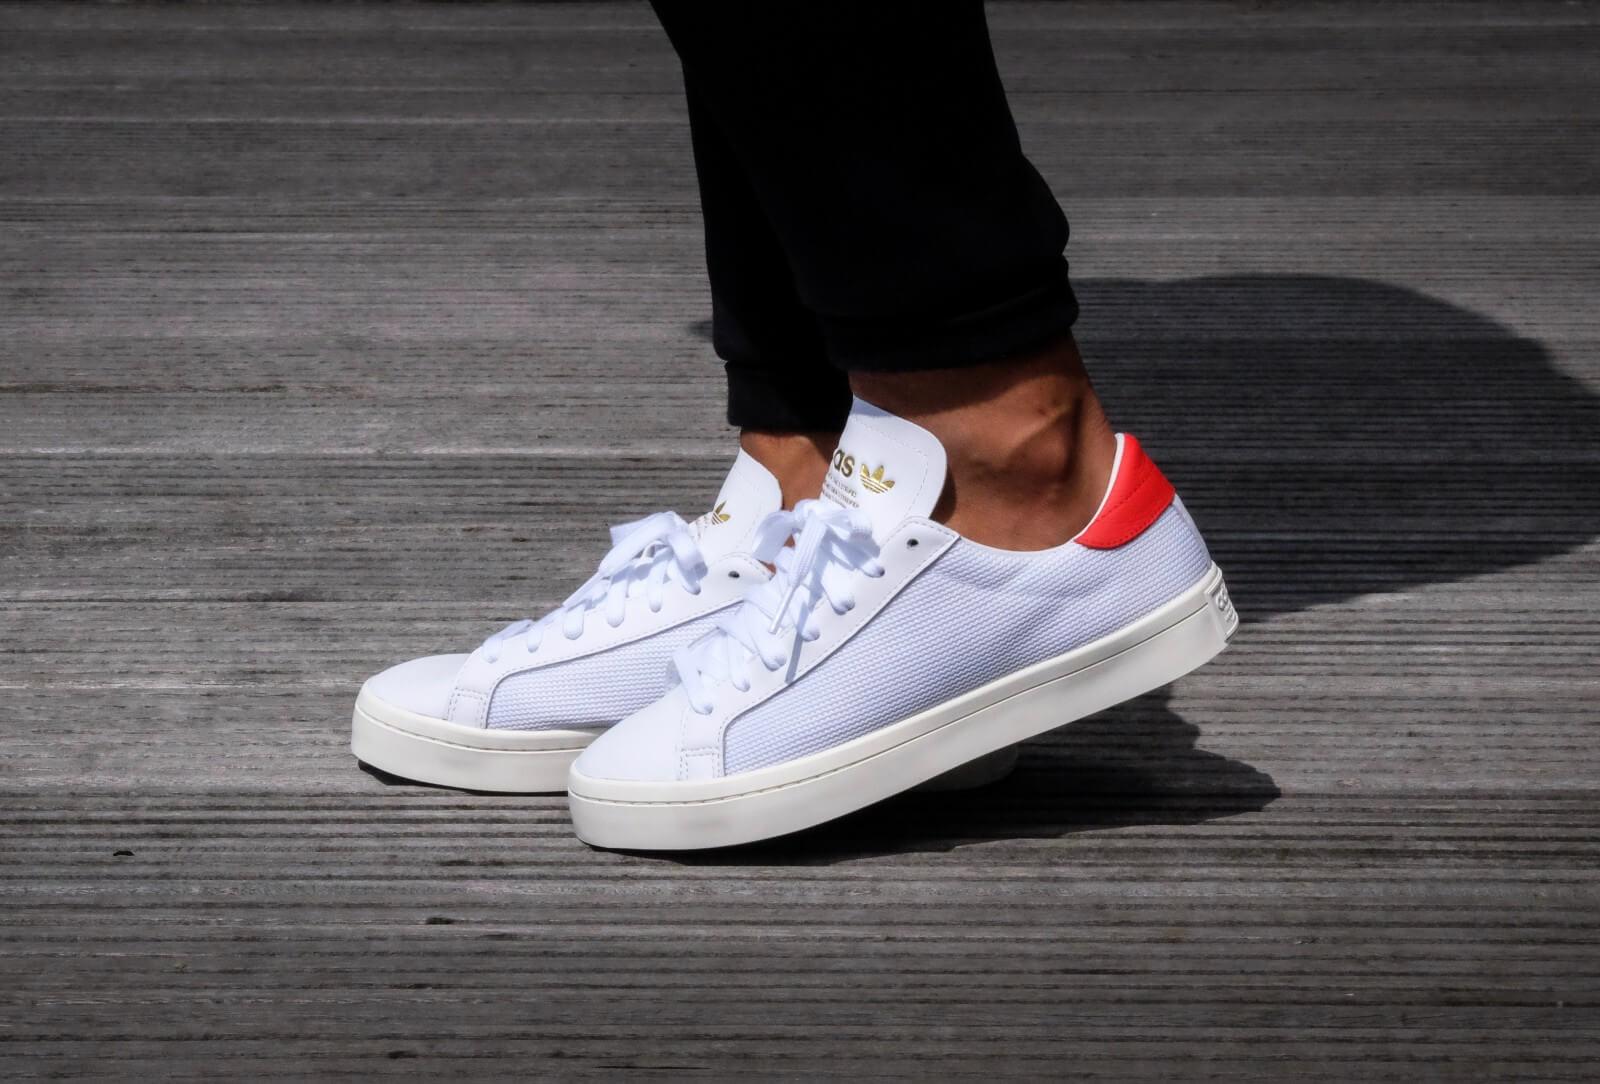 Adidas Court Vantage Footwear White Red BZ0428